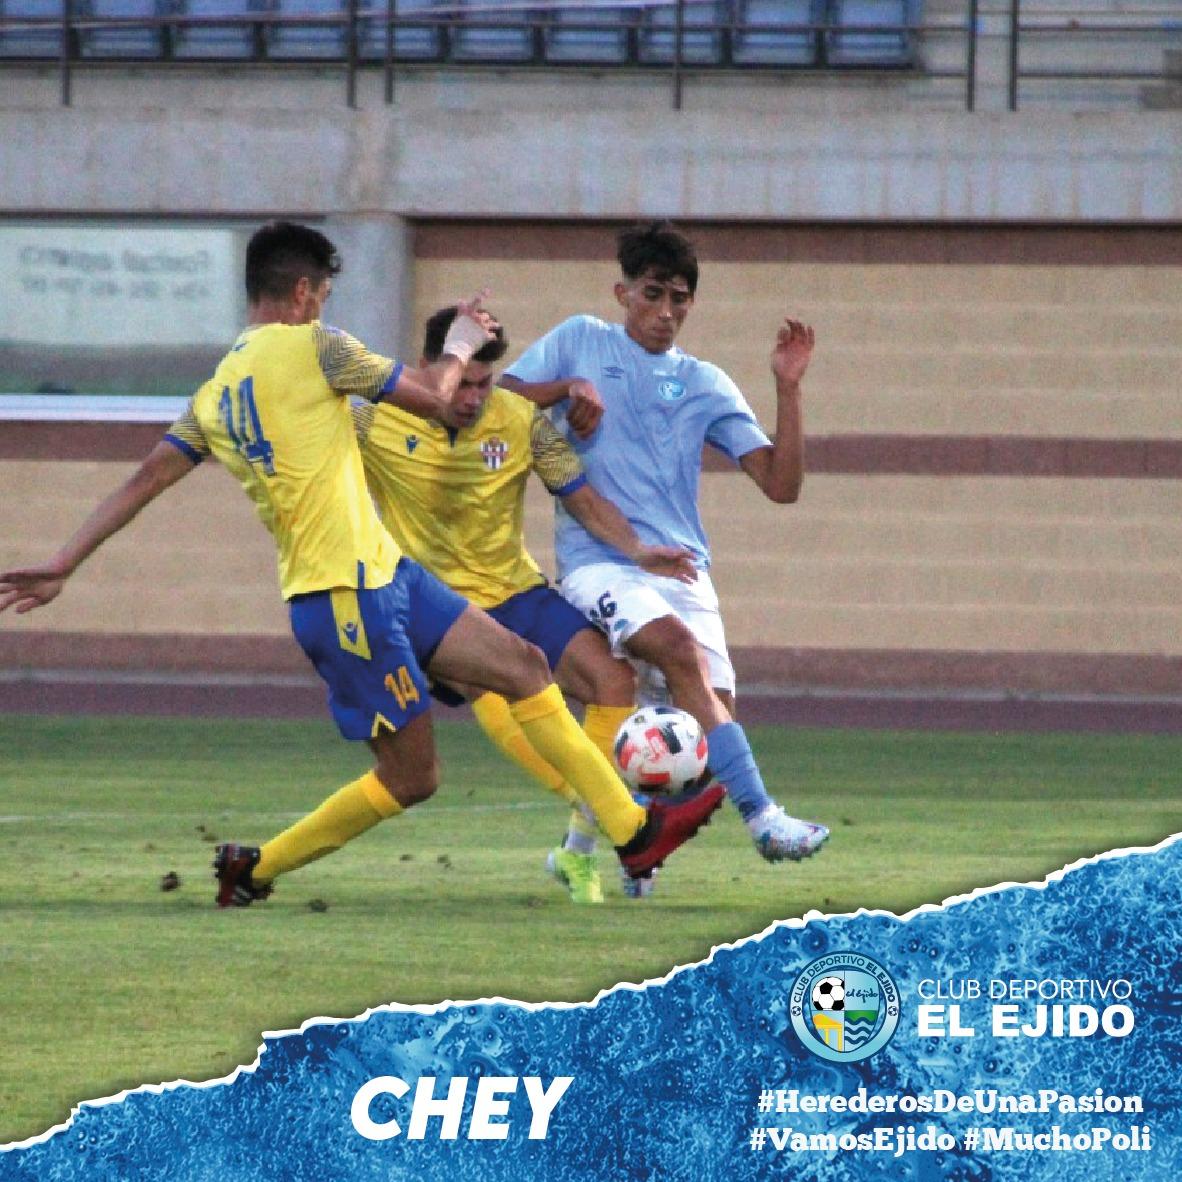 El canterano Chey arranca los aplausos de Santo Domingo en su debut con el primer equipo